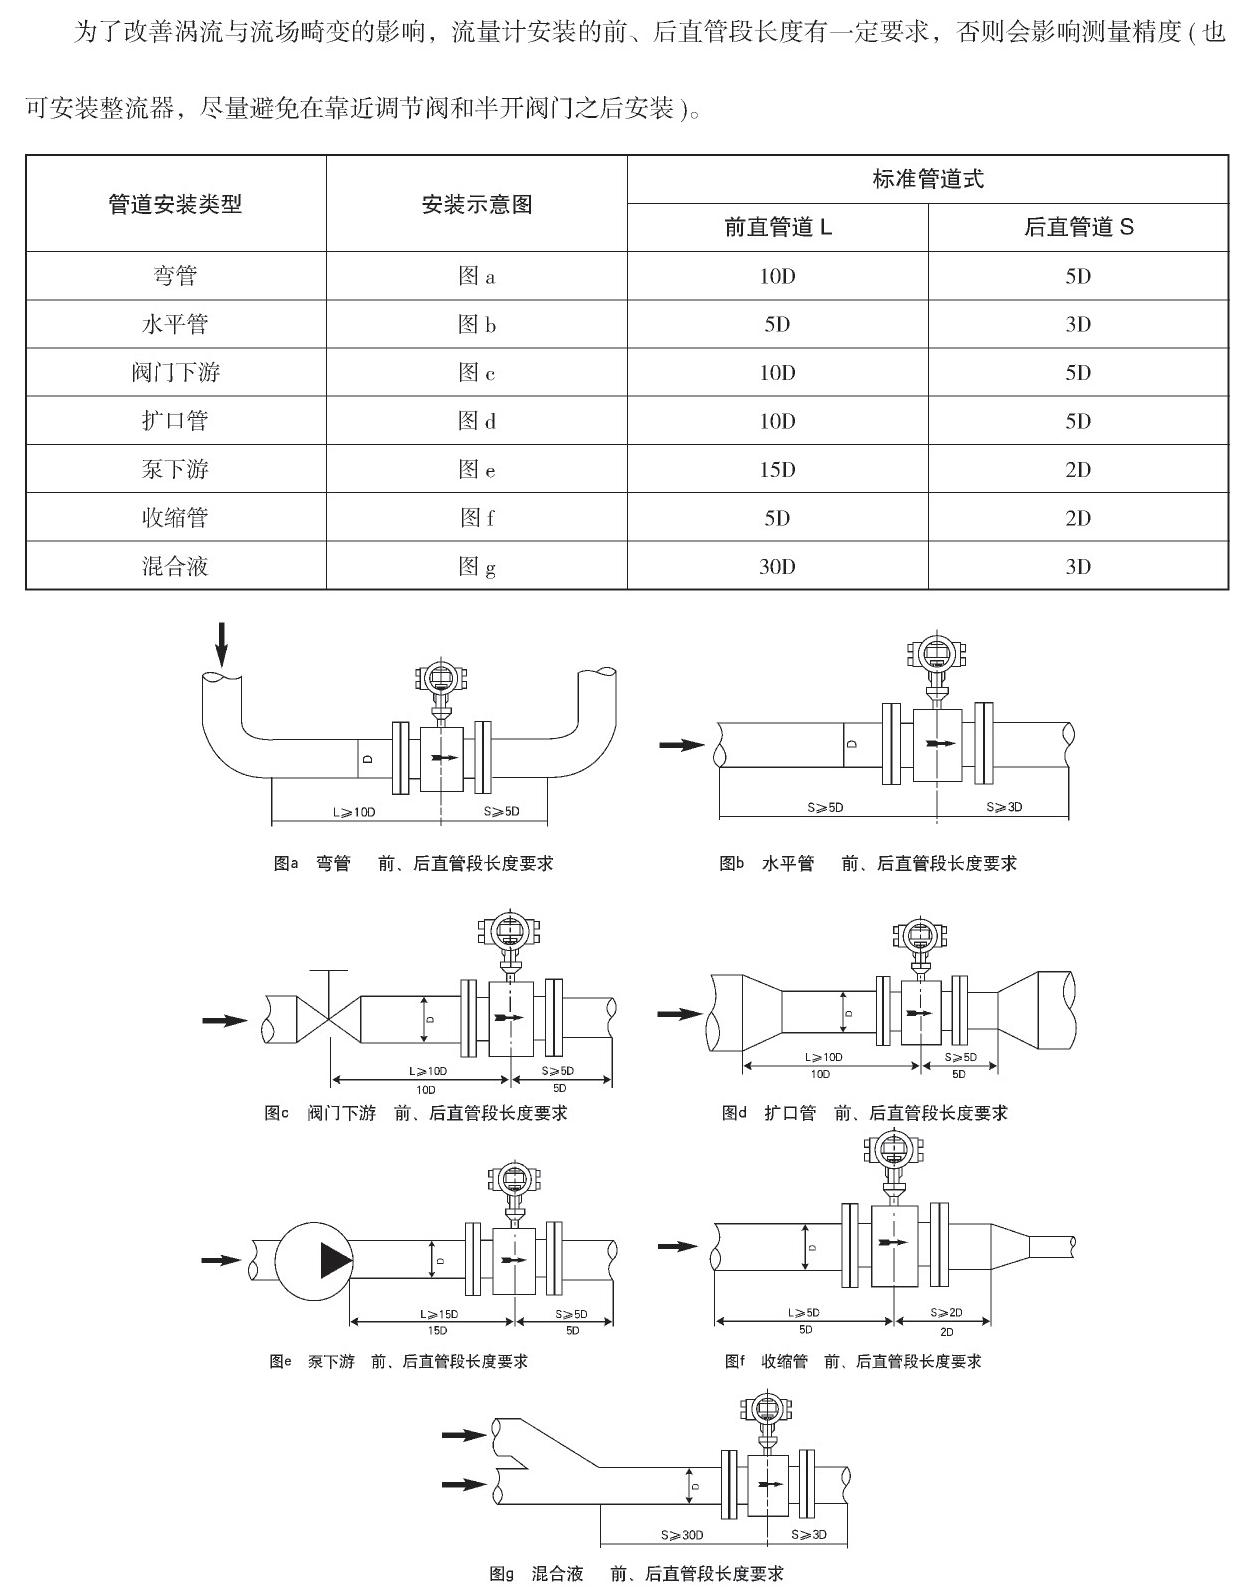 电磁流量计直管段